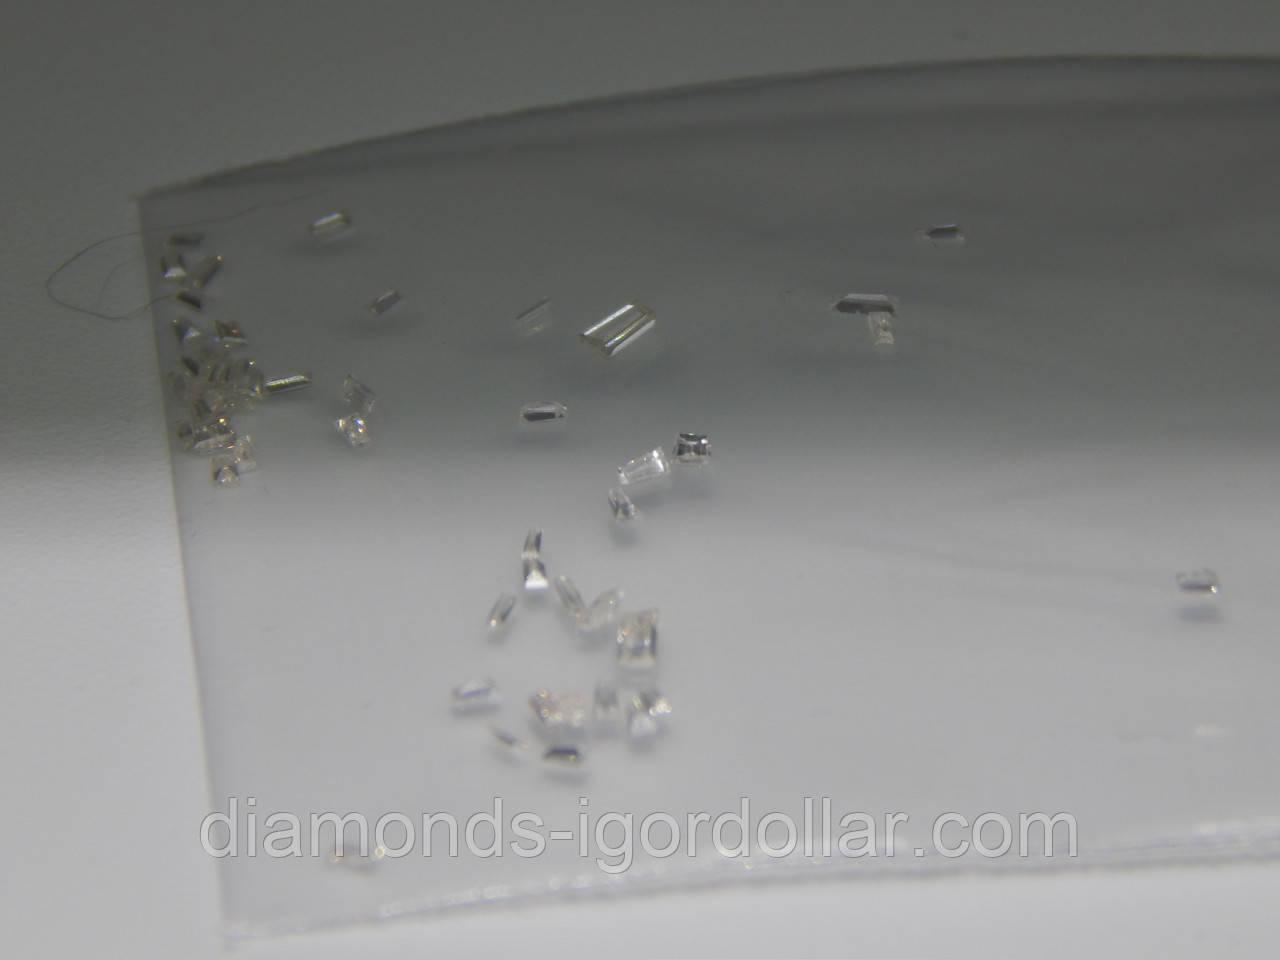 Бриллиант  натуральный природный белый 10 шт огранки Багет длинна от 1,5мм/0,01кт до 1,7мм/0,015кт